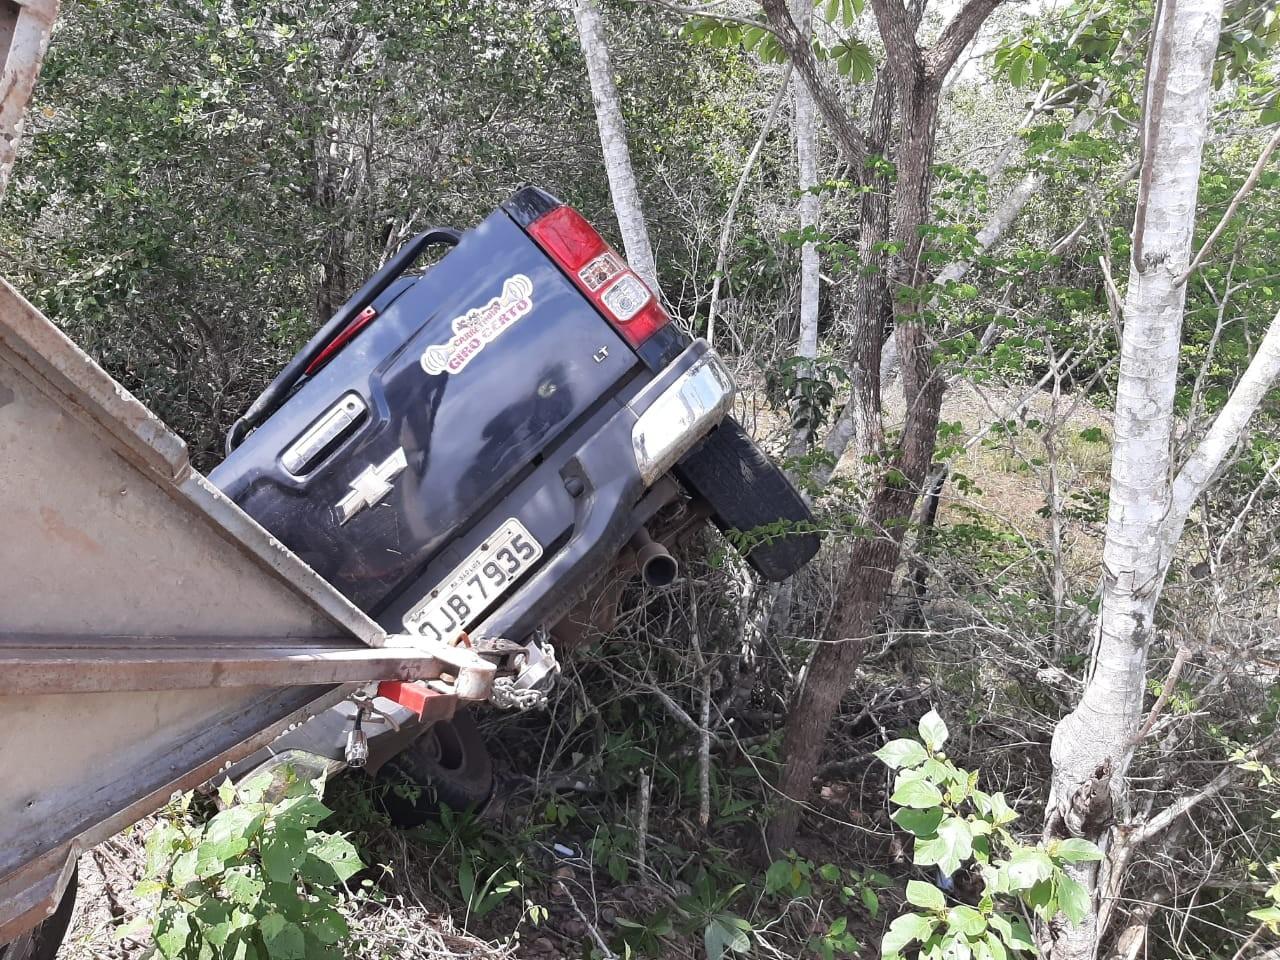 Idosa de 70 anos morre em acidente na BR-402 no Maranhão